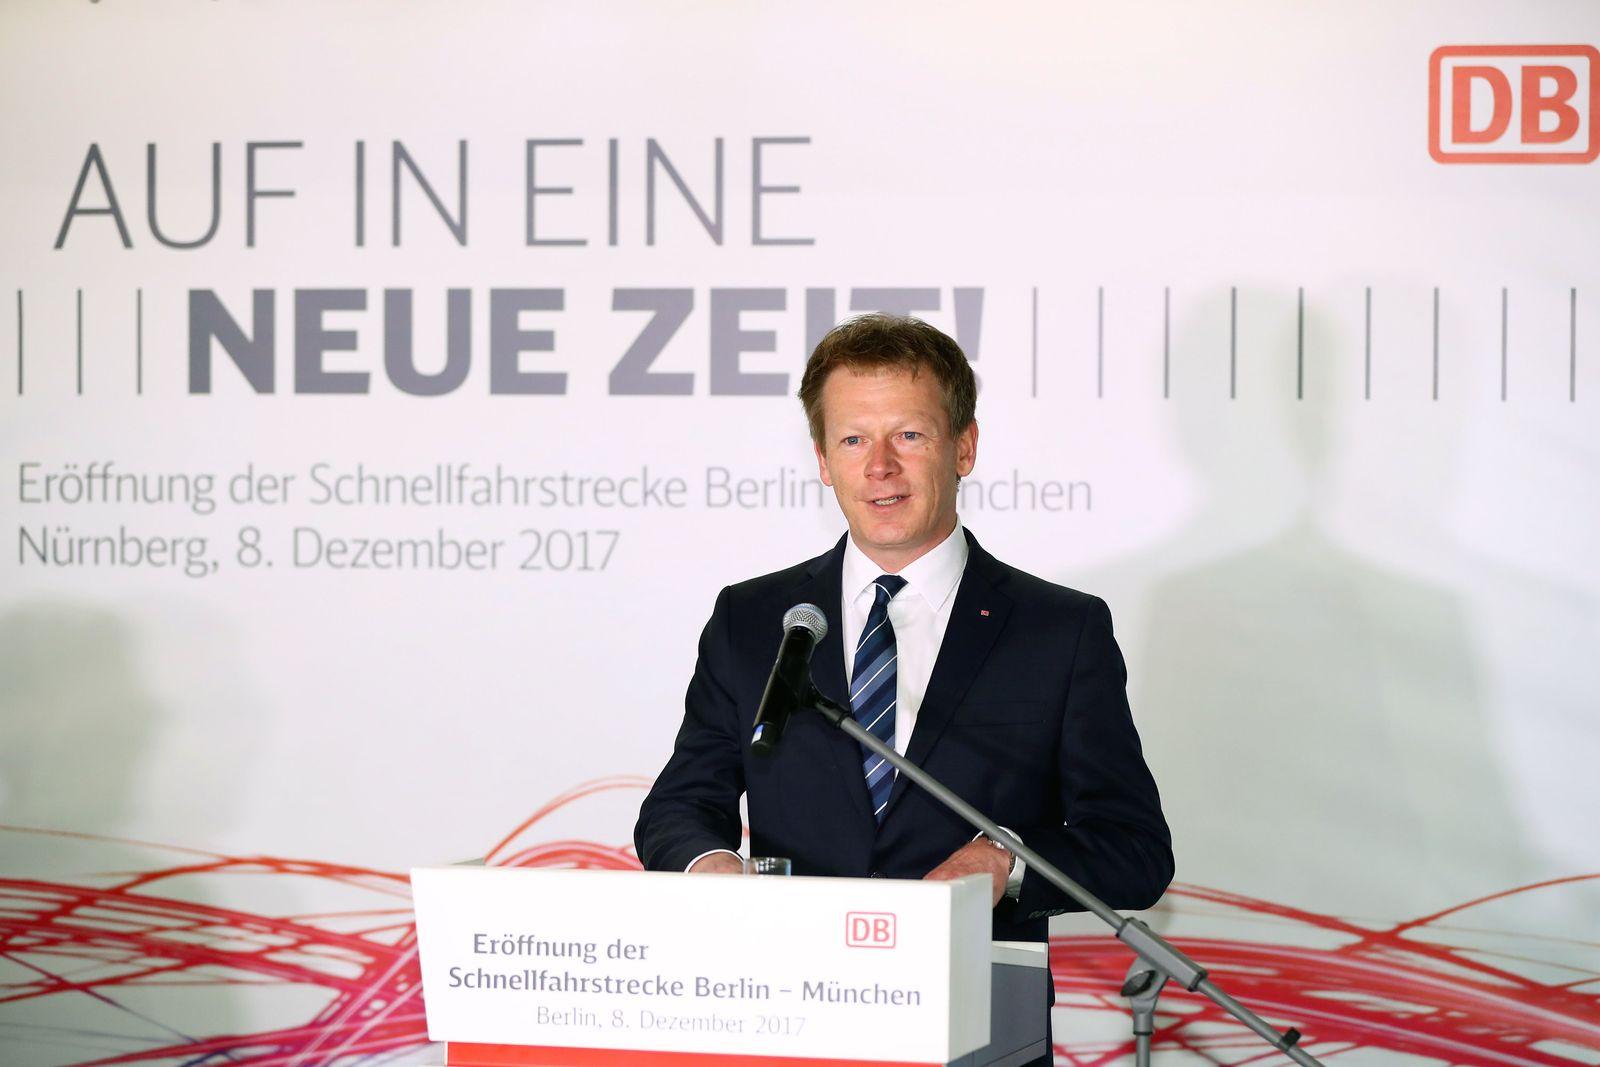 Eröffnung der Bahn-Schnellfahrstrecke München-Berlin